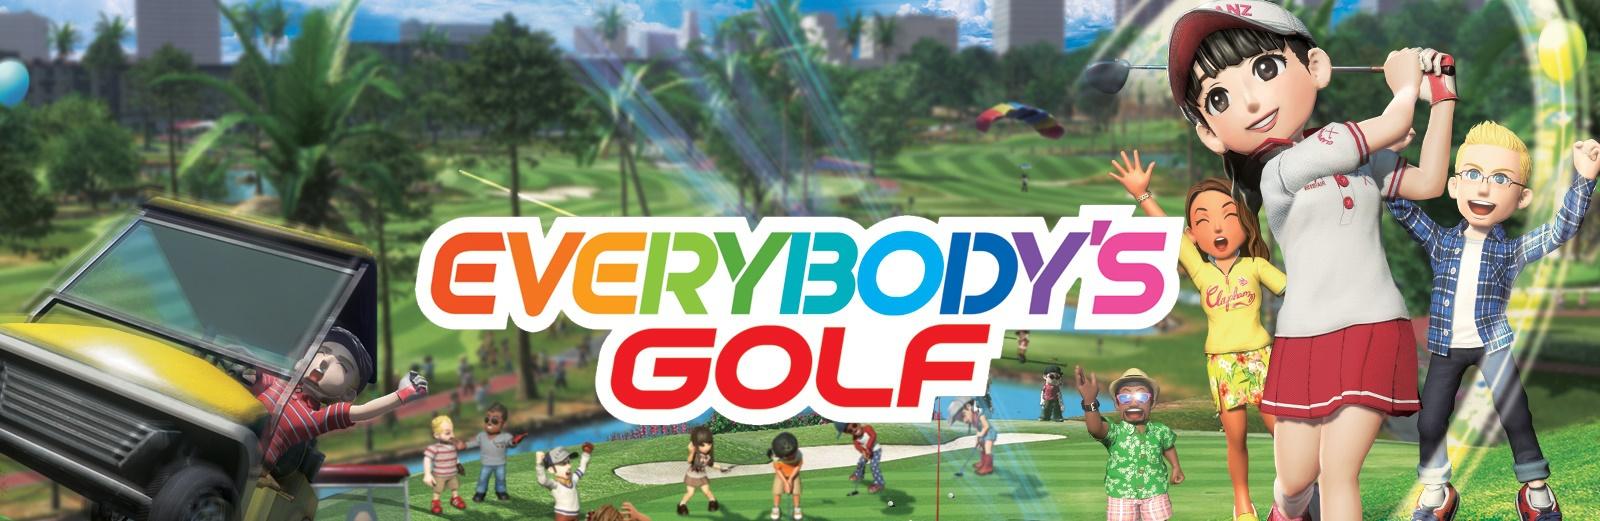 everybodys-golf-listihpj9x.jpg